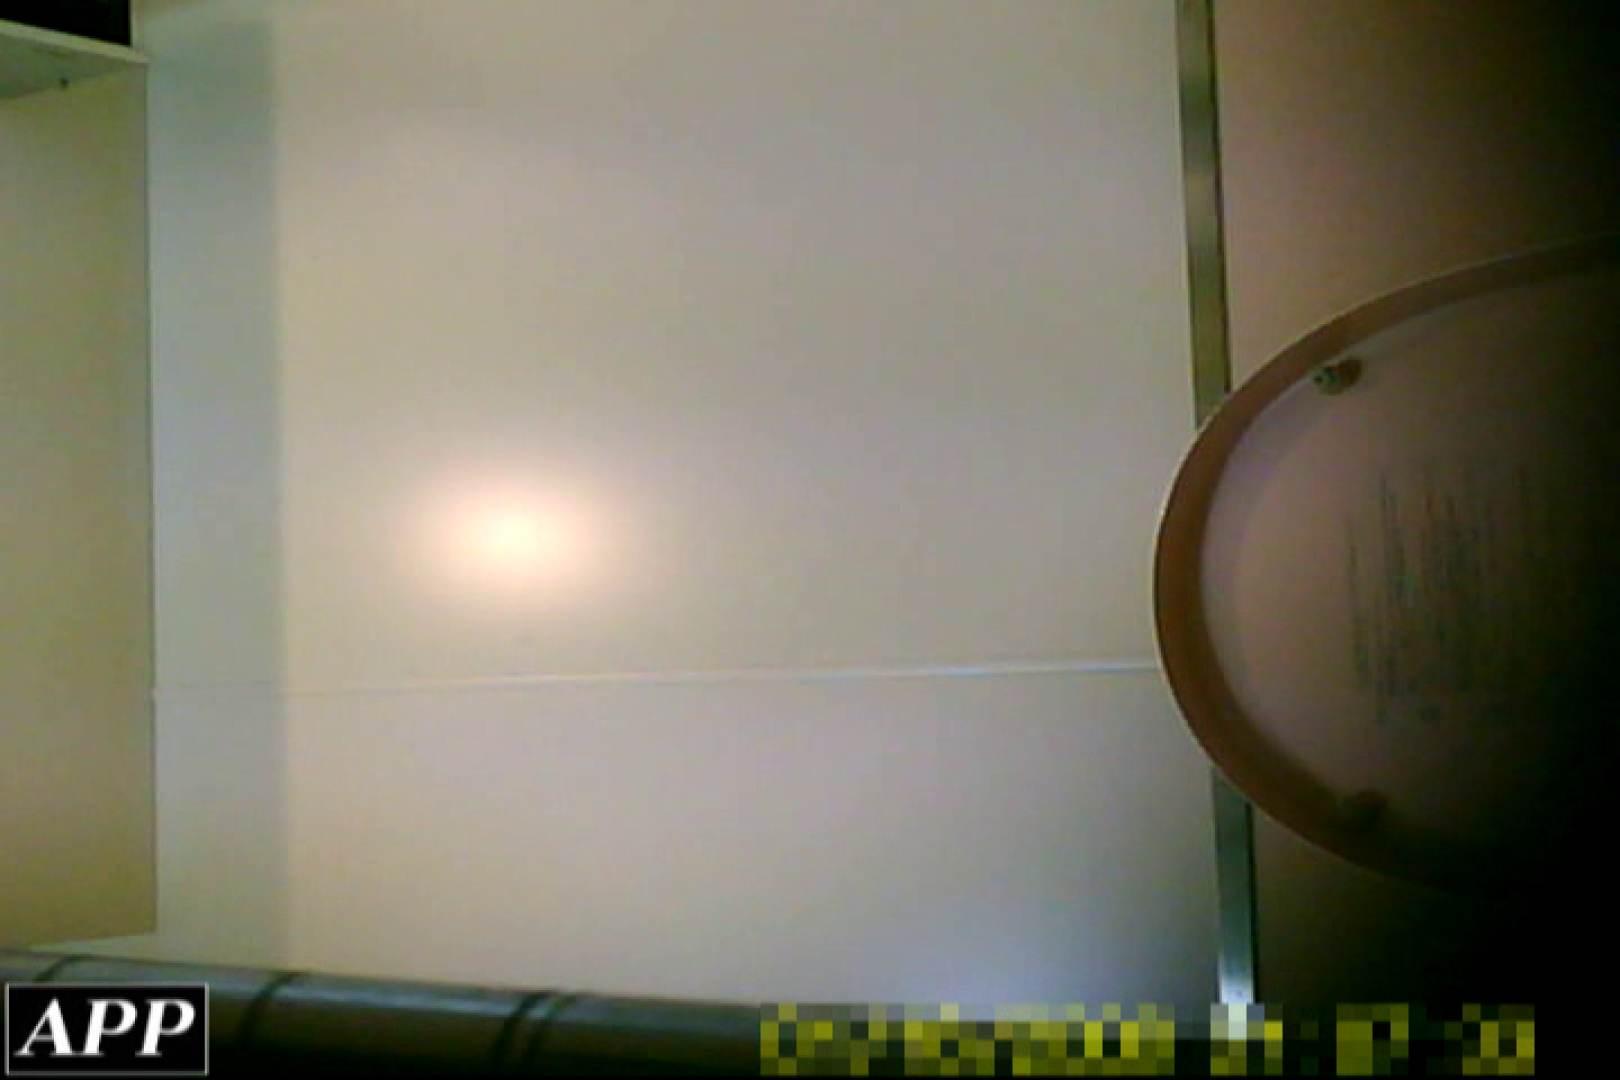 3視点洗面所 vol.09 洗面所 オメコ無修正動画無料 106画像 73